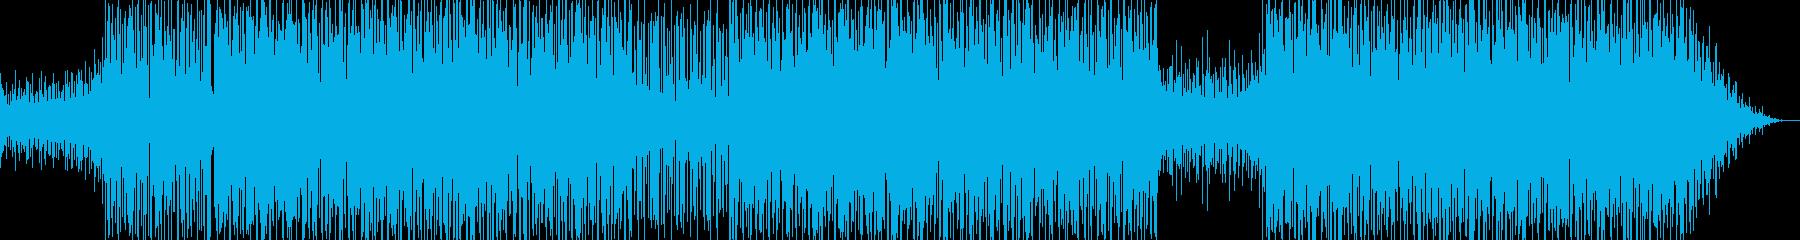 スムーズジャズ、クール、のんびり、...の再生済みの波形